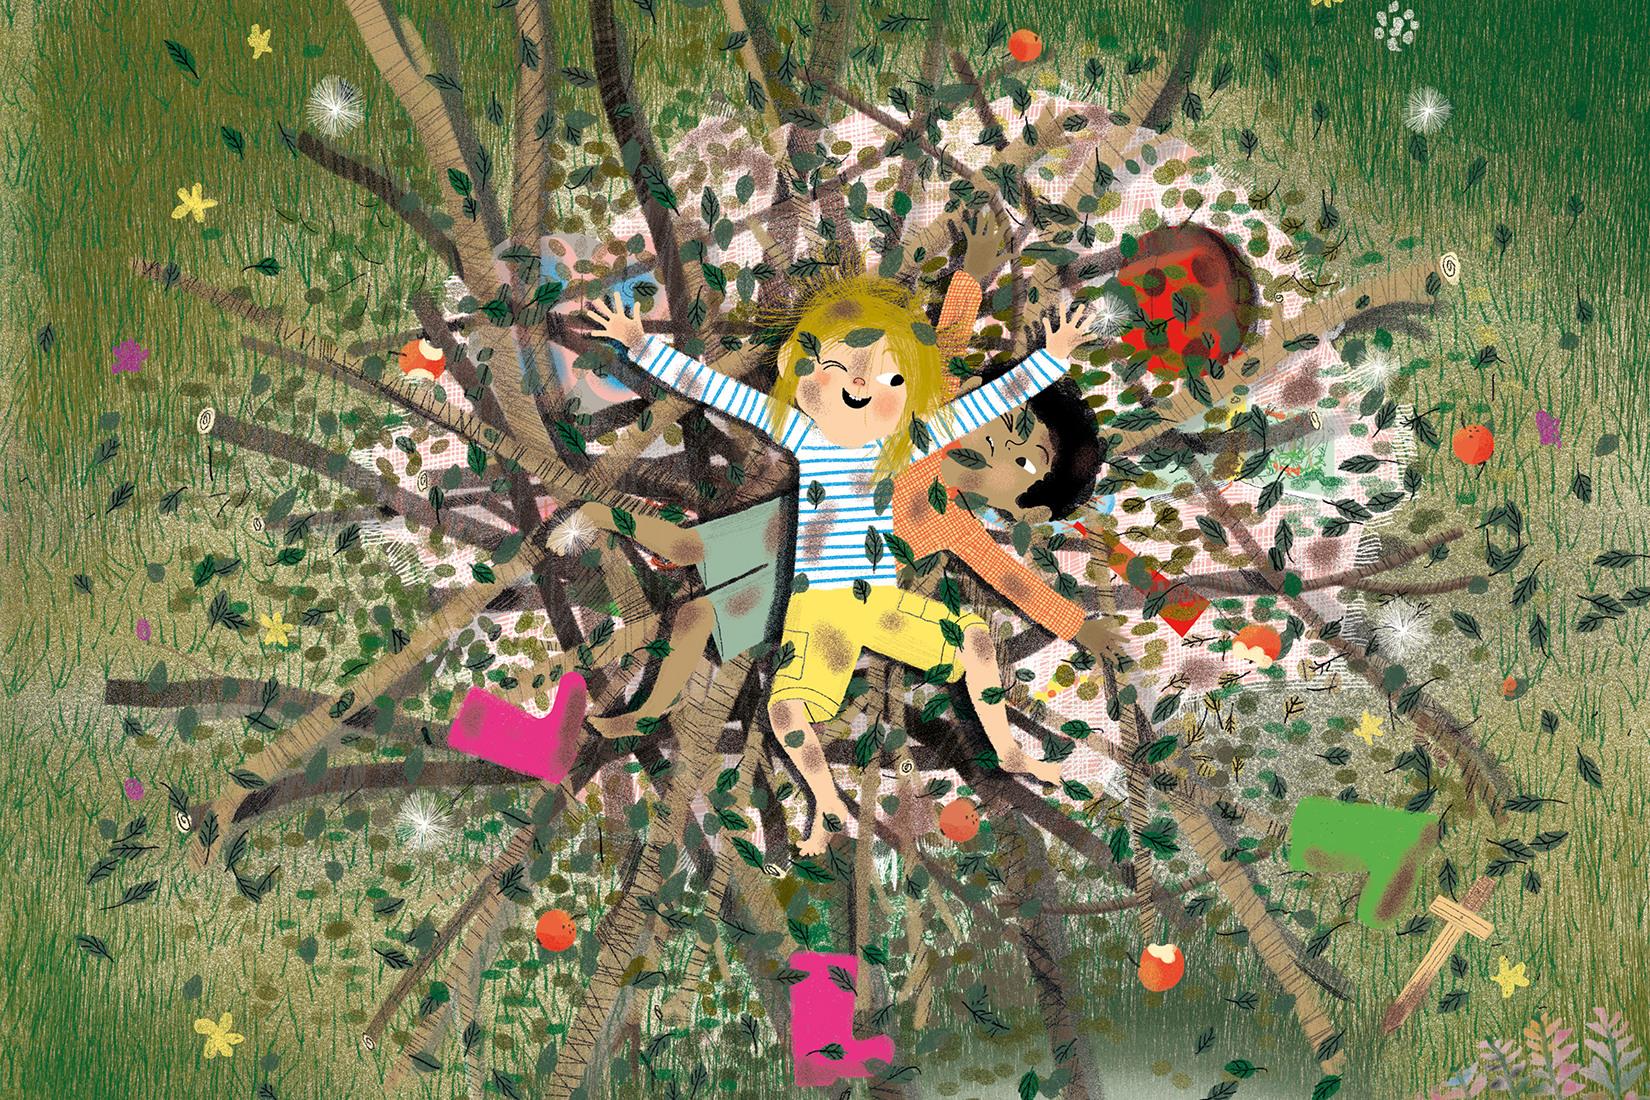 Carl et Elsa s'échappent : texte Jenny Westin Verona, illustration Jésus Verona, Ed. Cambourakis 2016